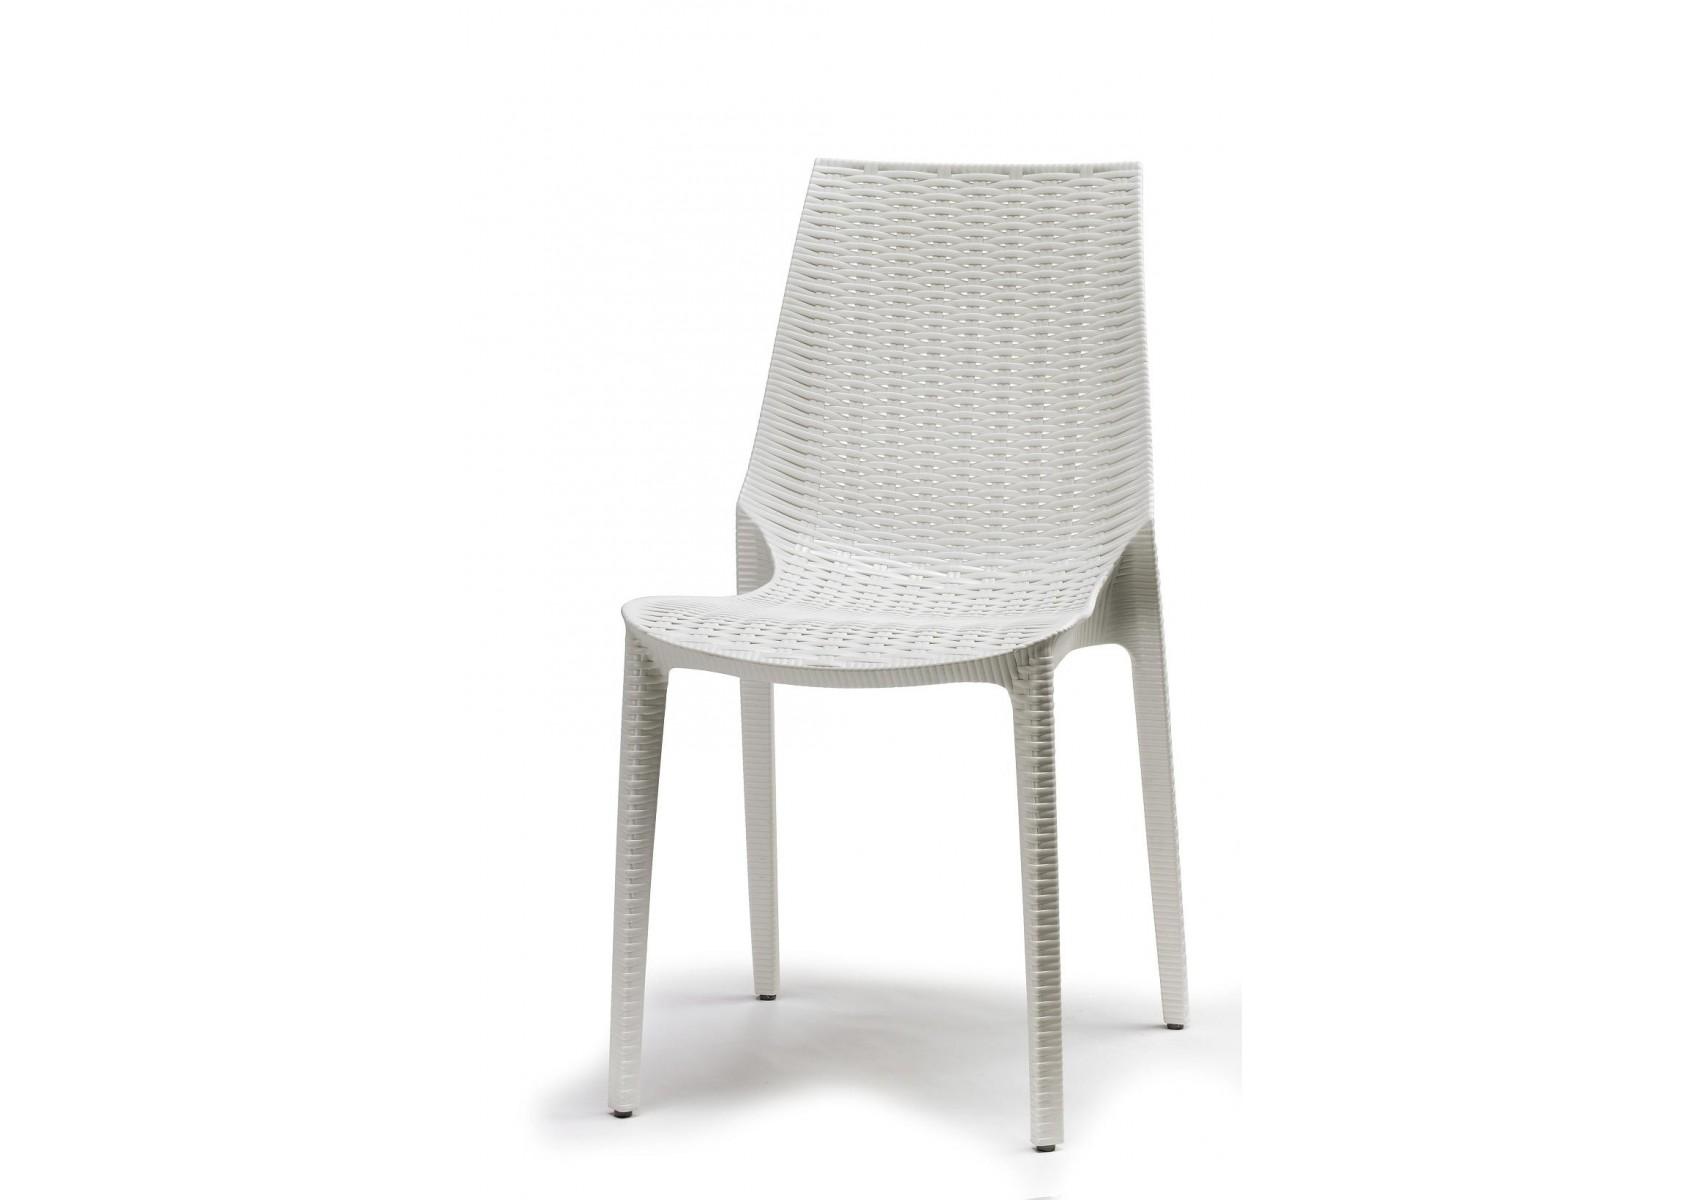 Chaise tiss e design lucrezia blanche deco boite for Chaise blanche design